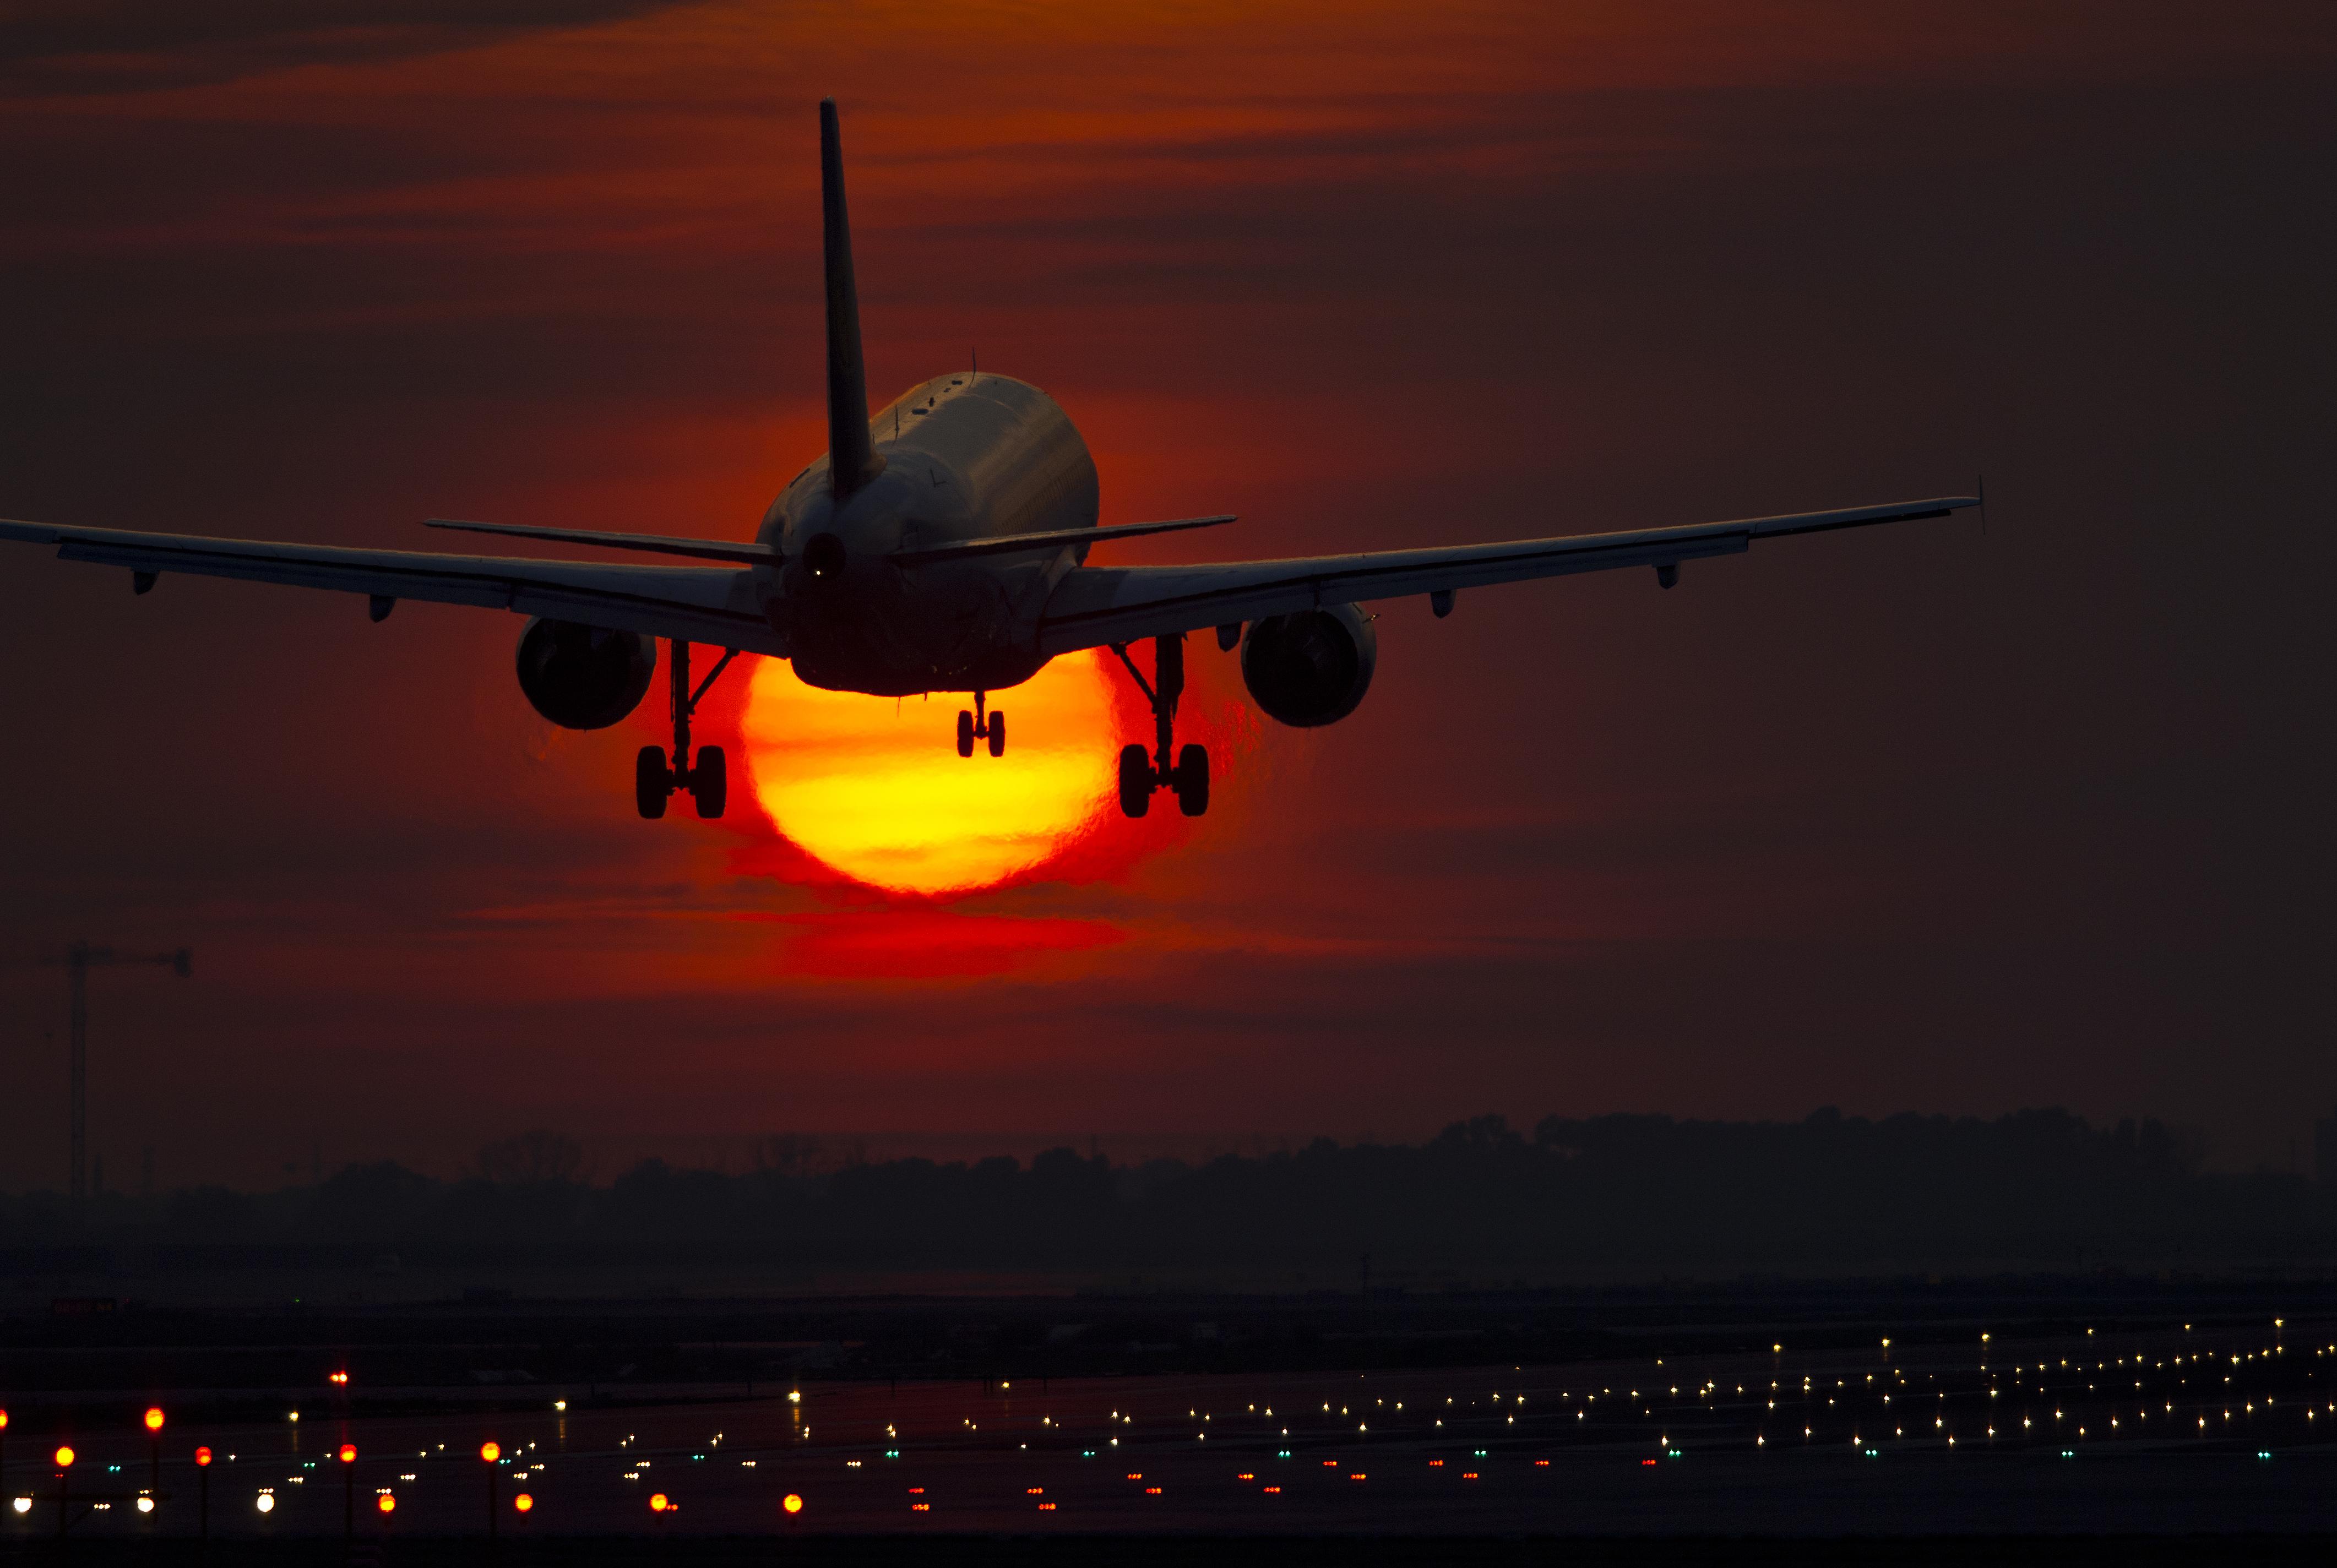 Tanie loty do Lizbony z Lufthansa wakacje 2014